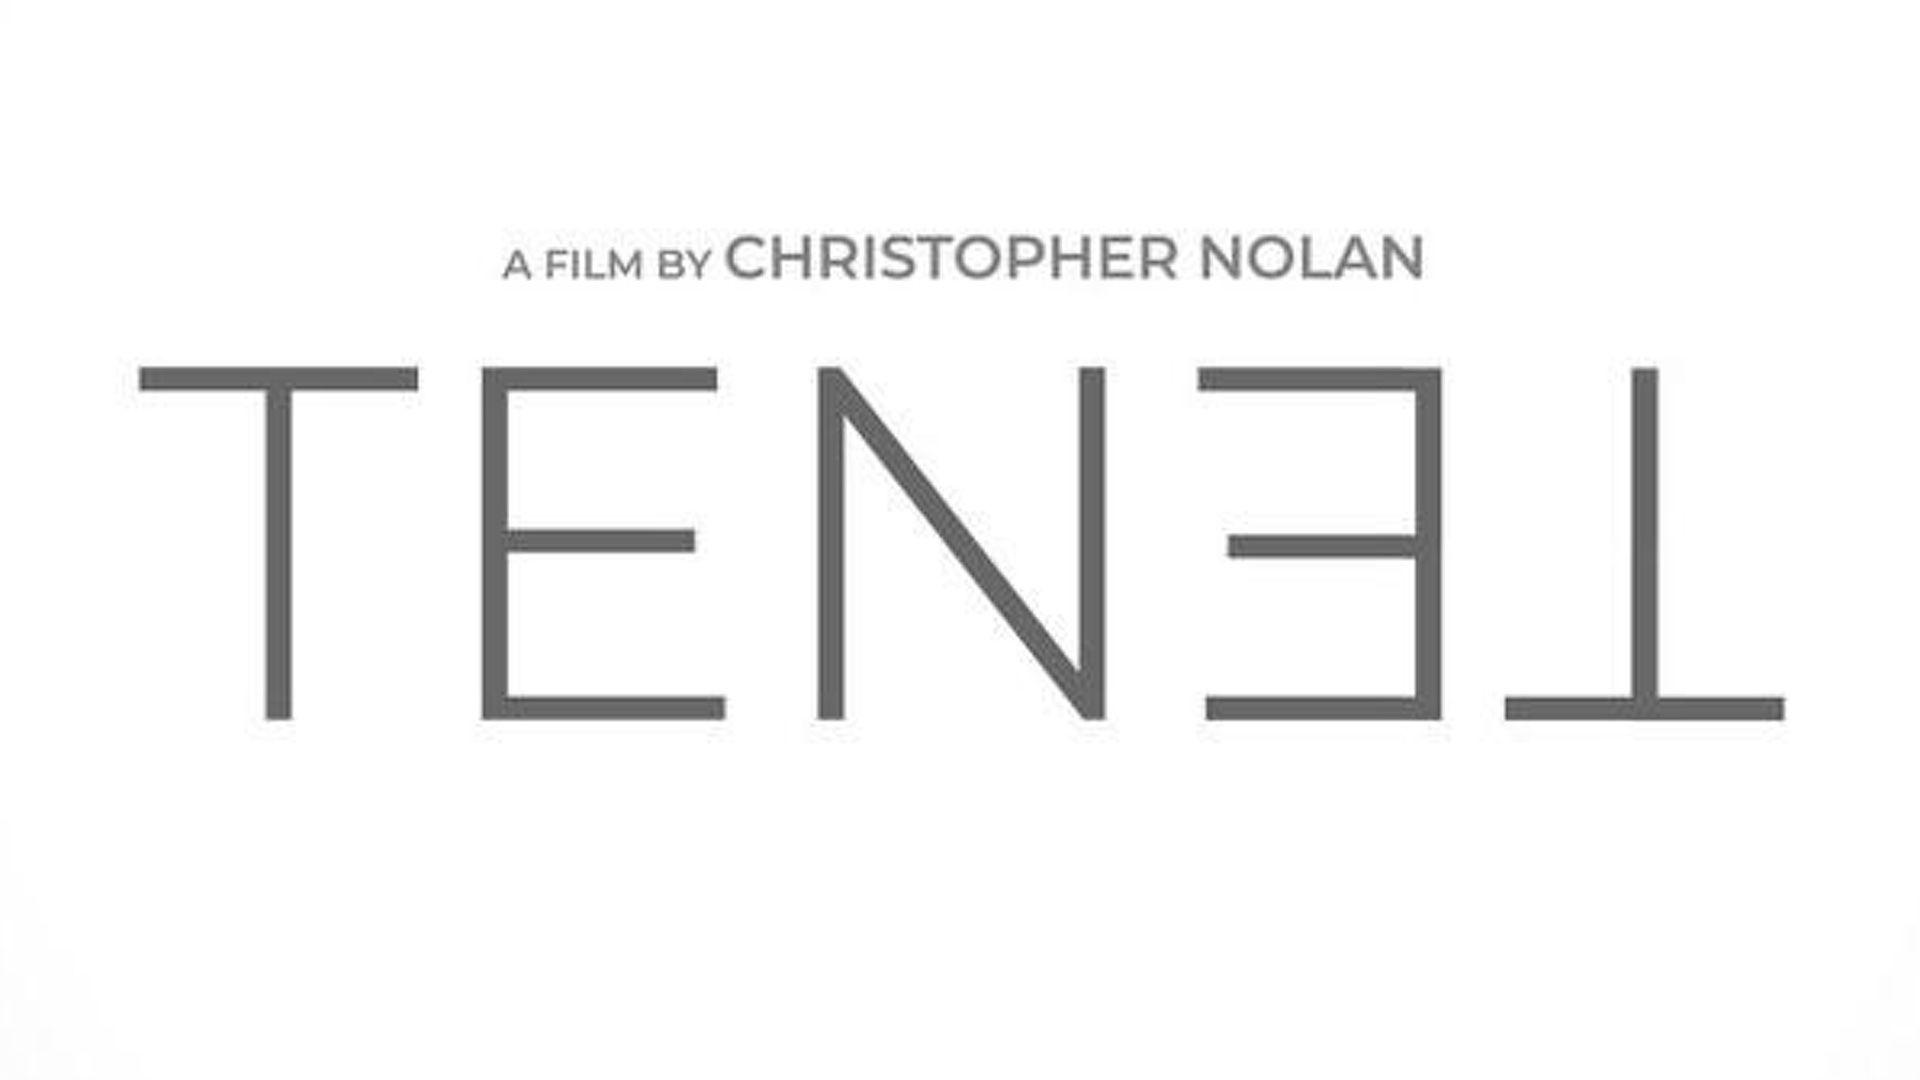 El Espectacular primer tráiler de Tenet de Christopher Nolan